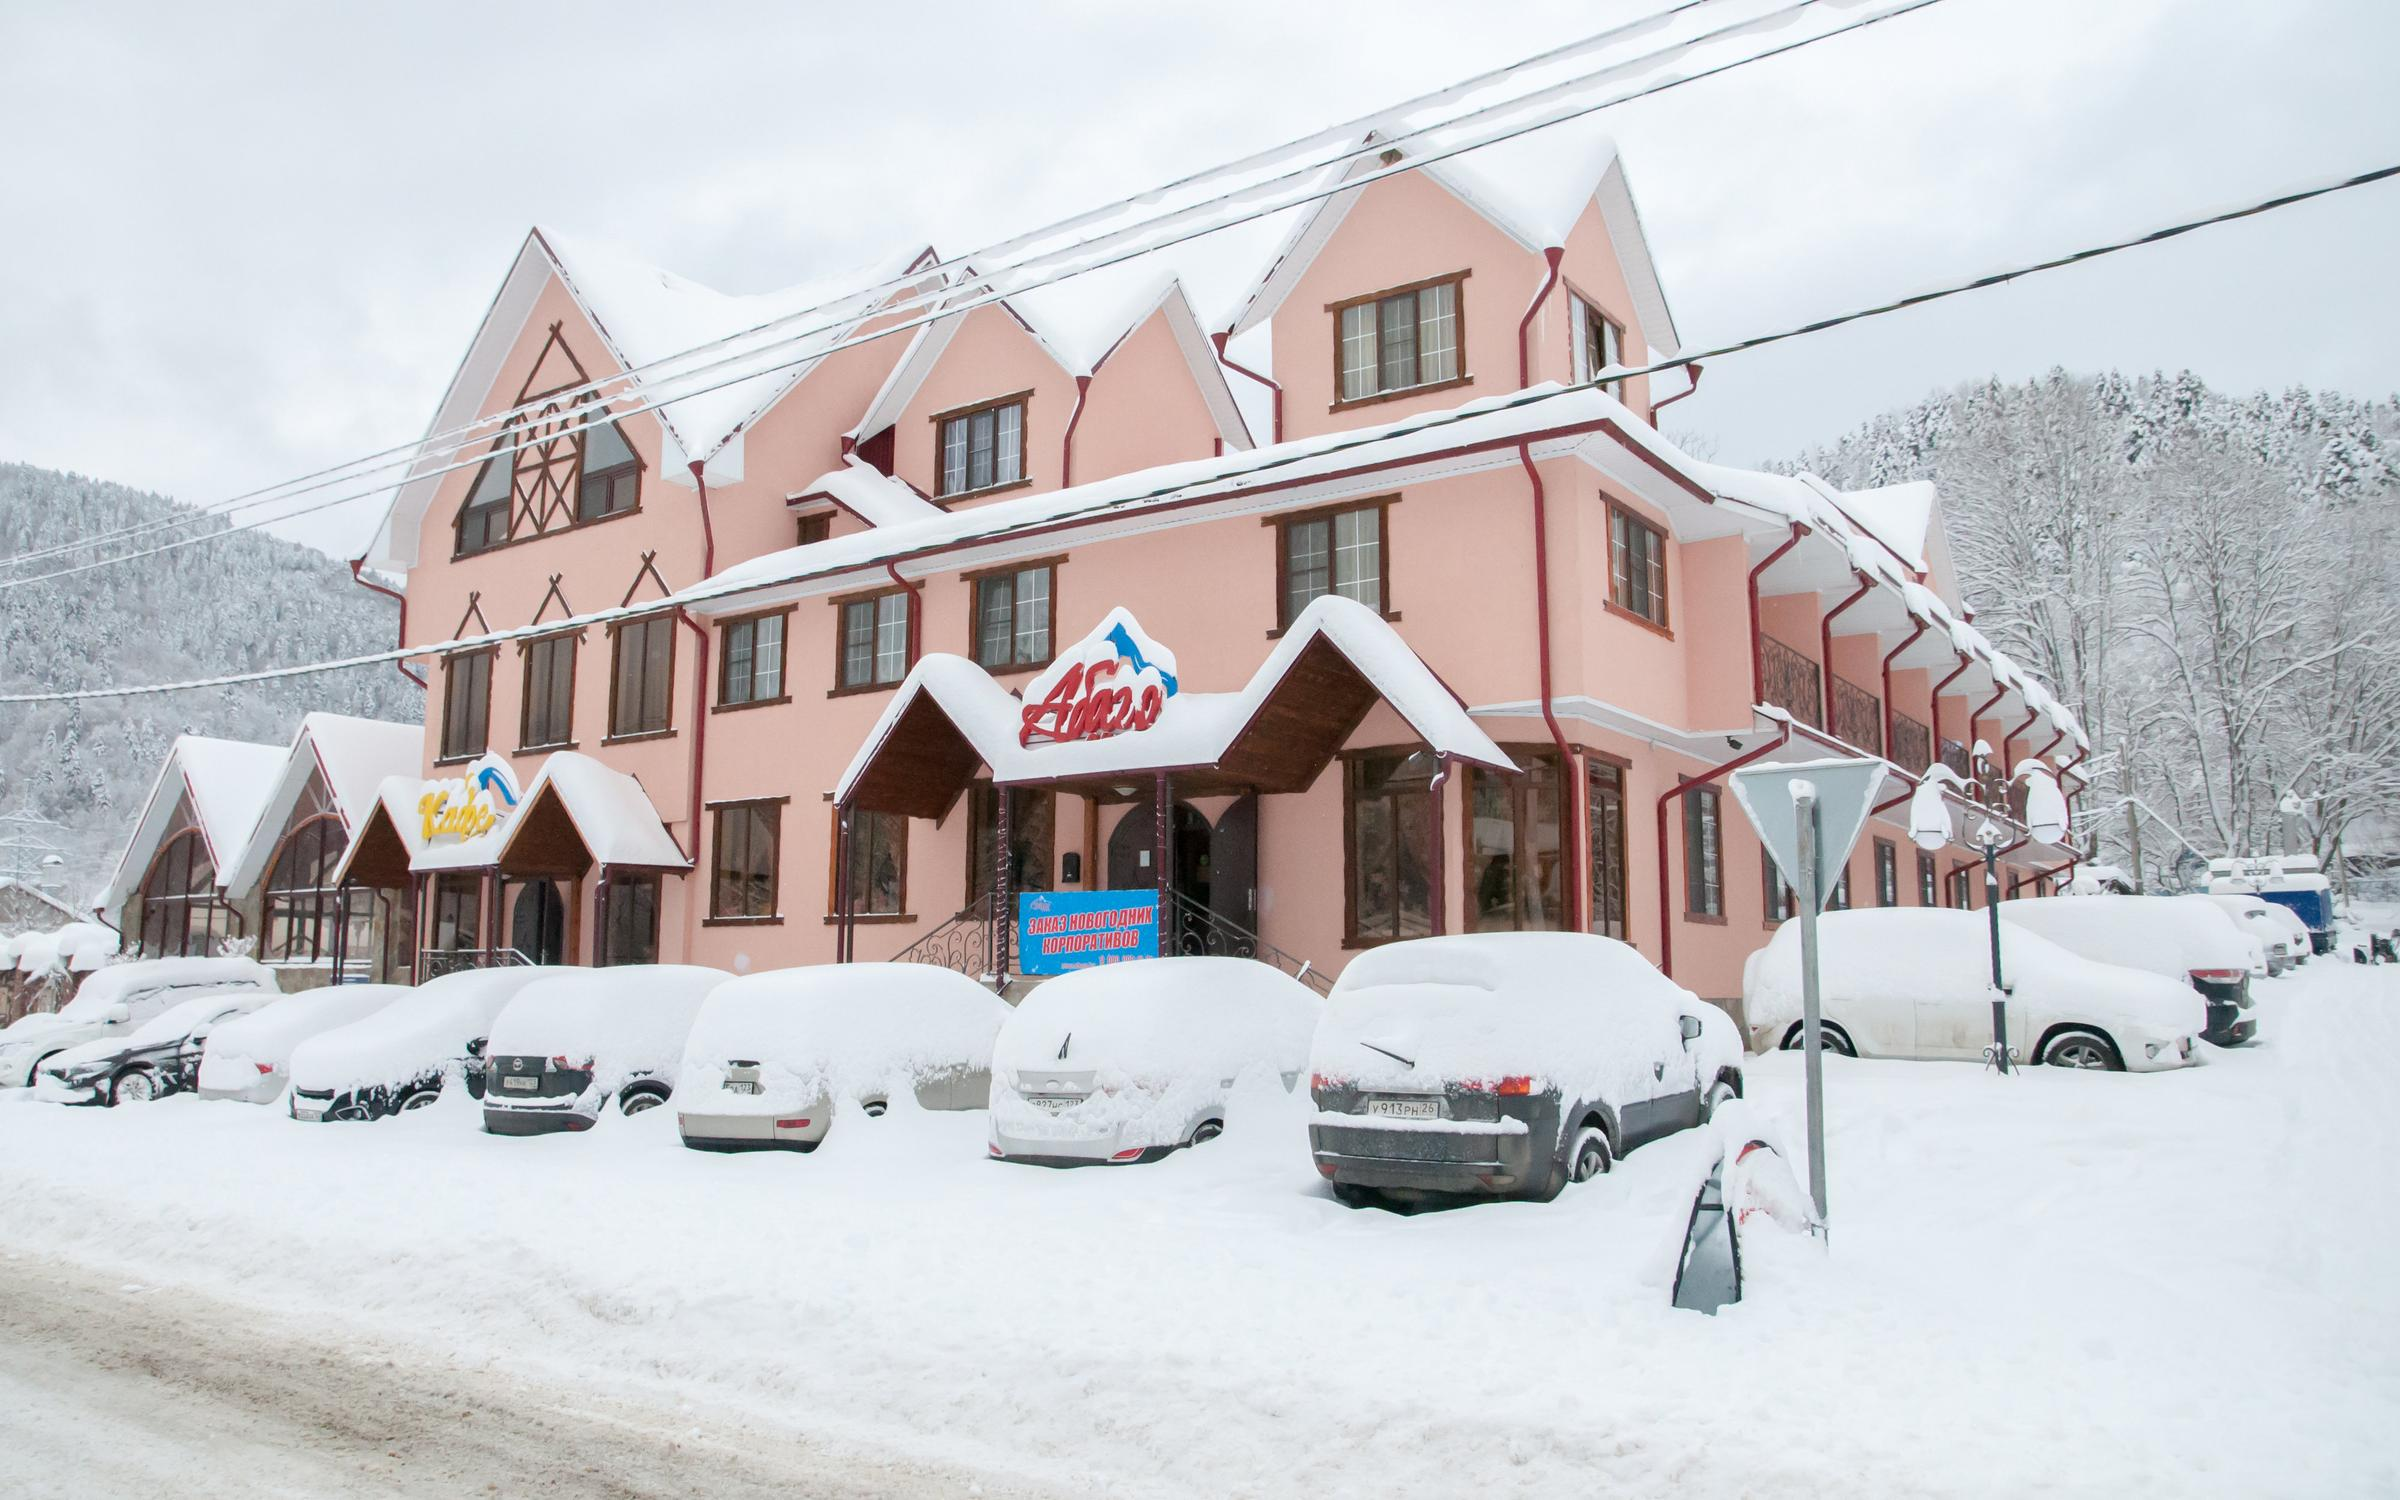 фотография Горного отеля Абаго в поселке Гузерипль